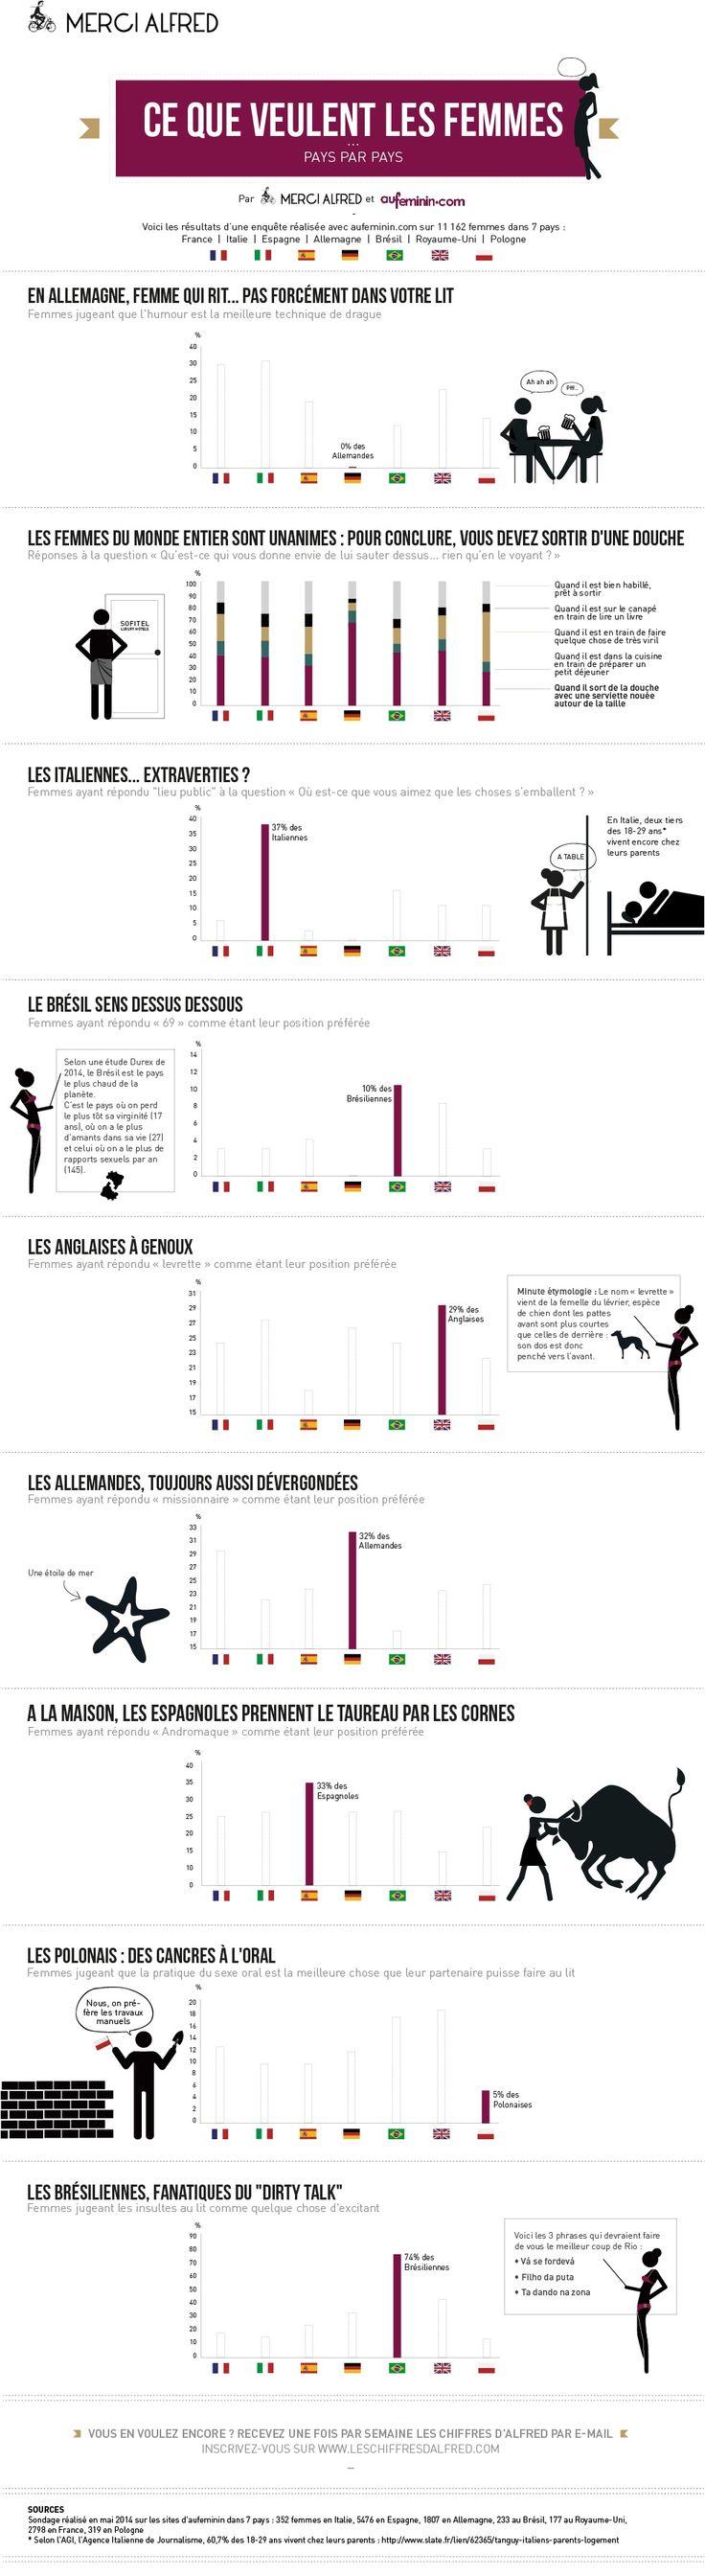 """Où l'on apprend l'éthymologie de la """"levrette"""" : Ce que veulent les femmes http://www.mercialfred.com/infographie-ce-que-veulent-les-femmes.html via @MerciAlfred"""